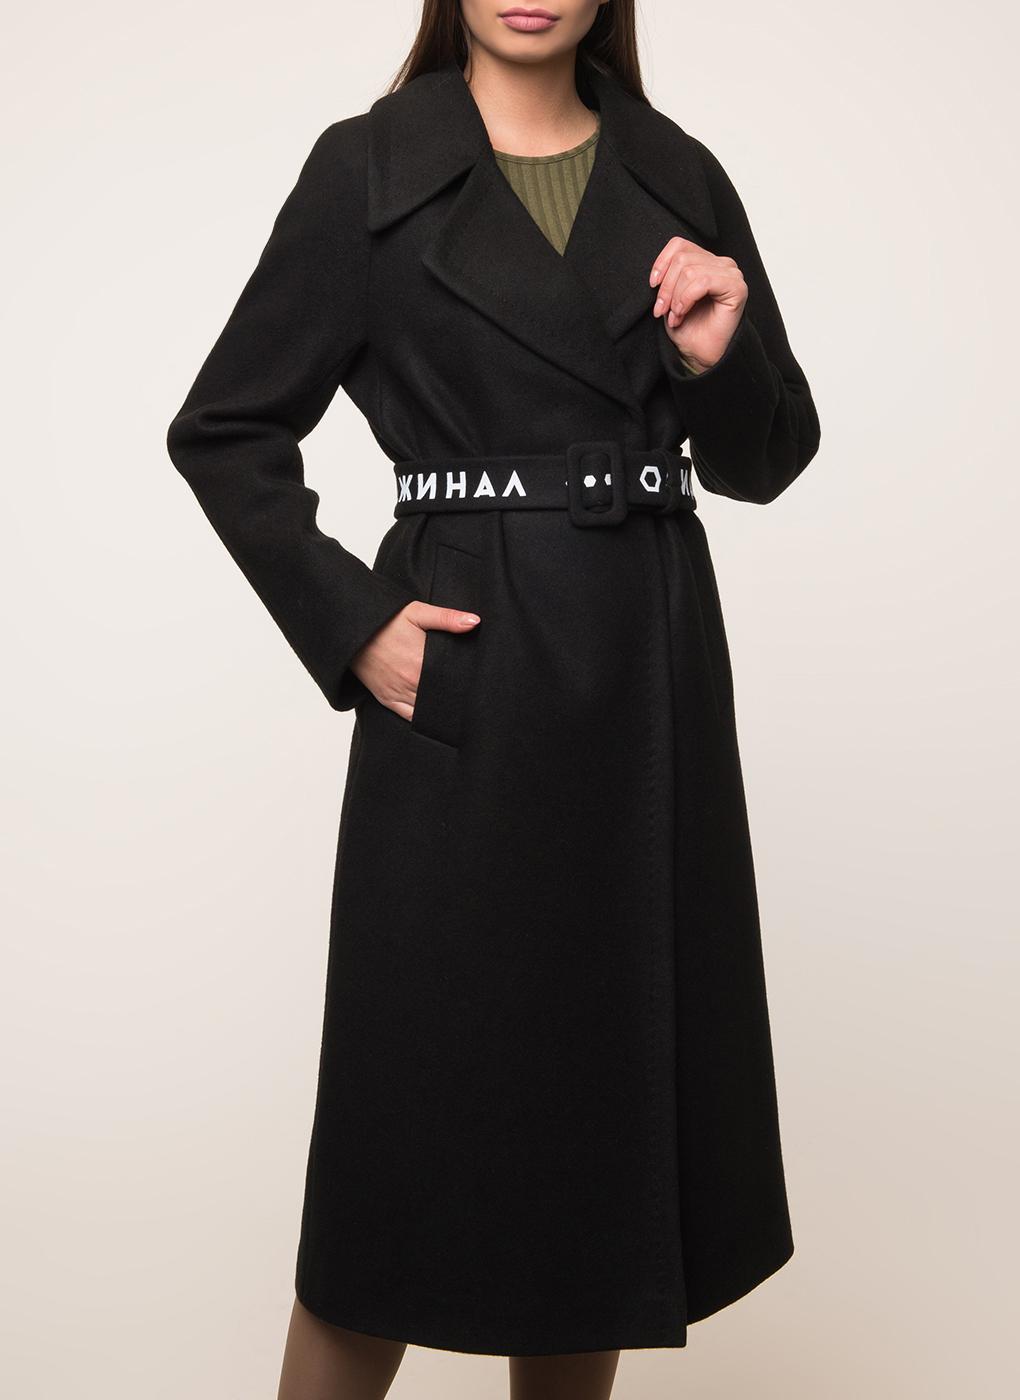 Пальто полушерстяное 46, Заря Моды фото